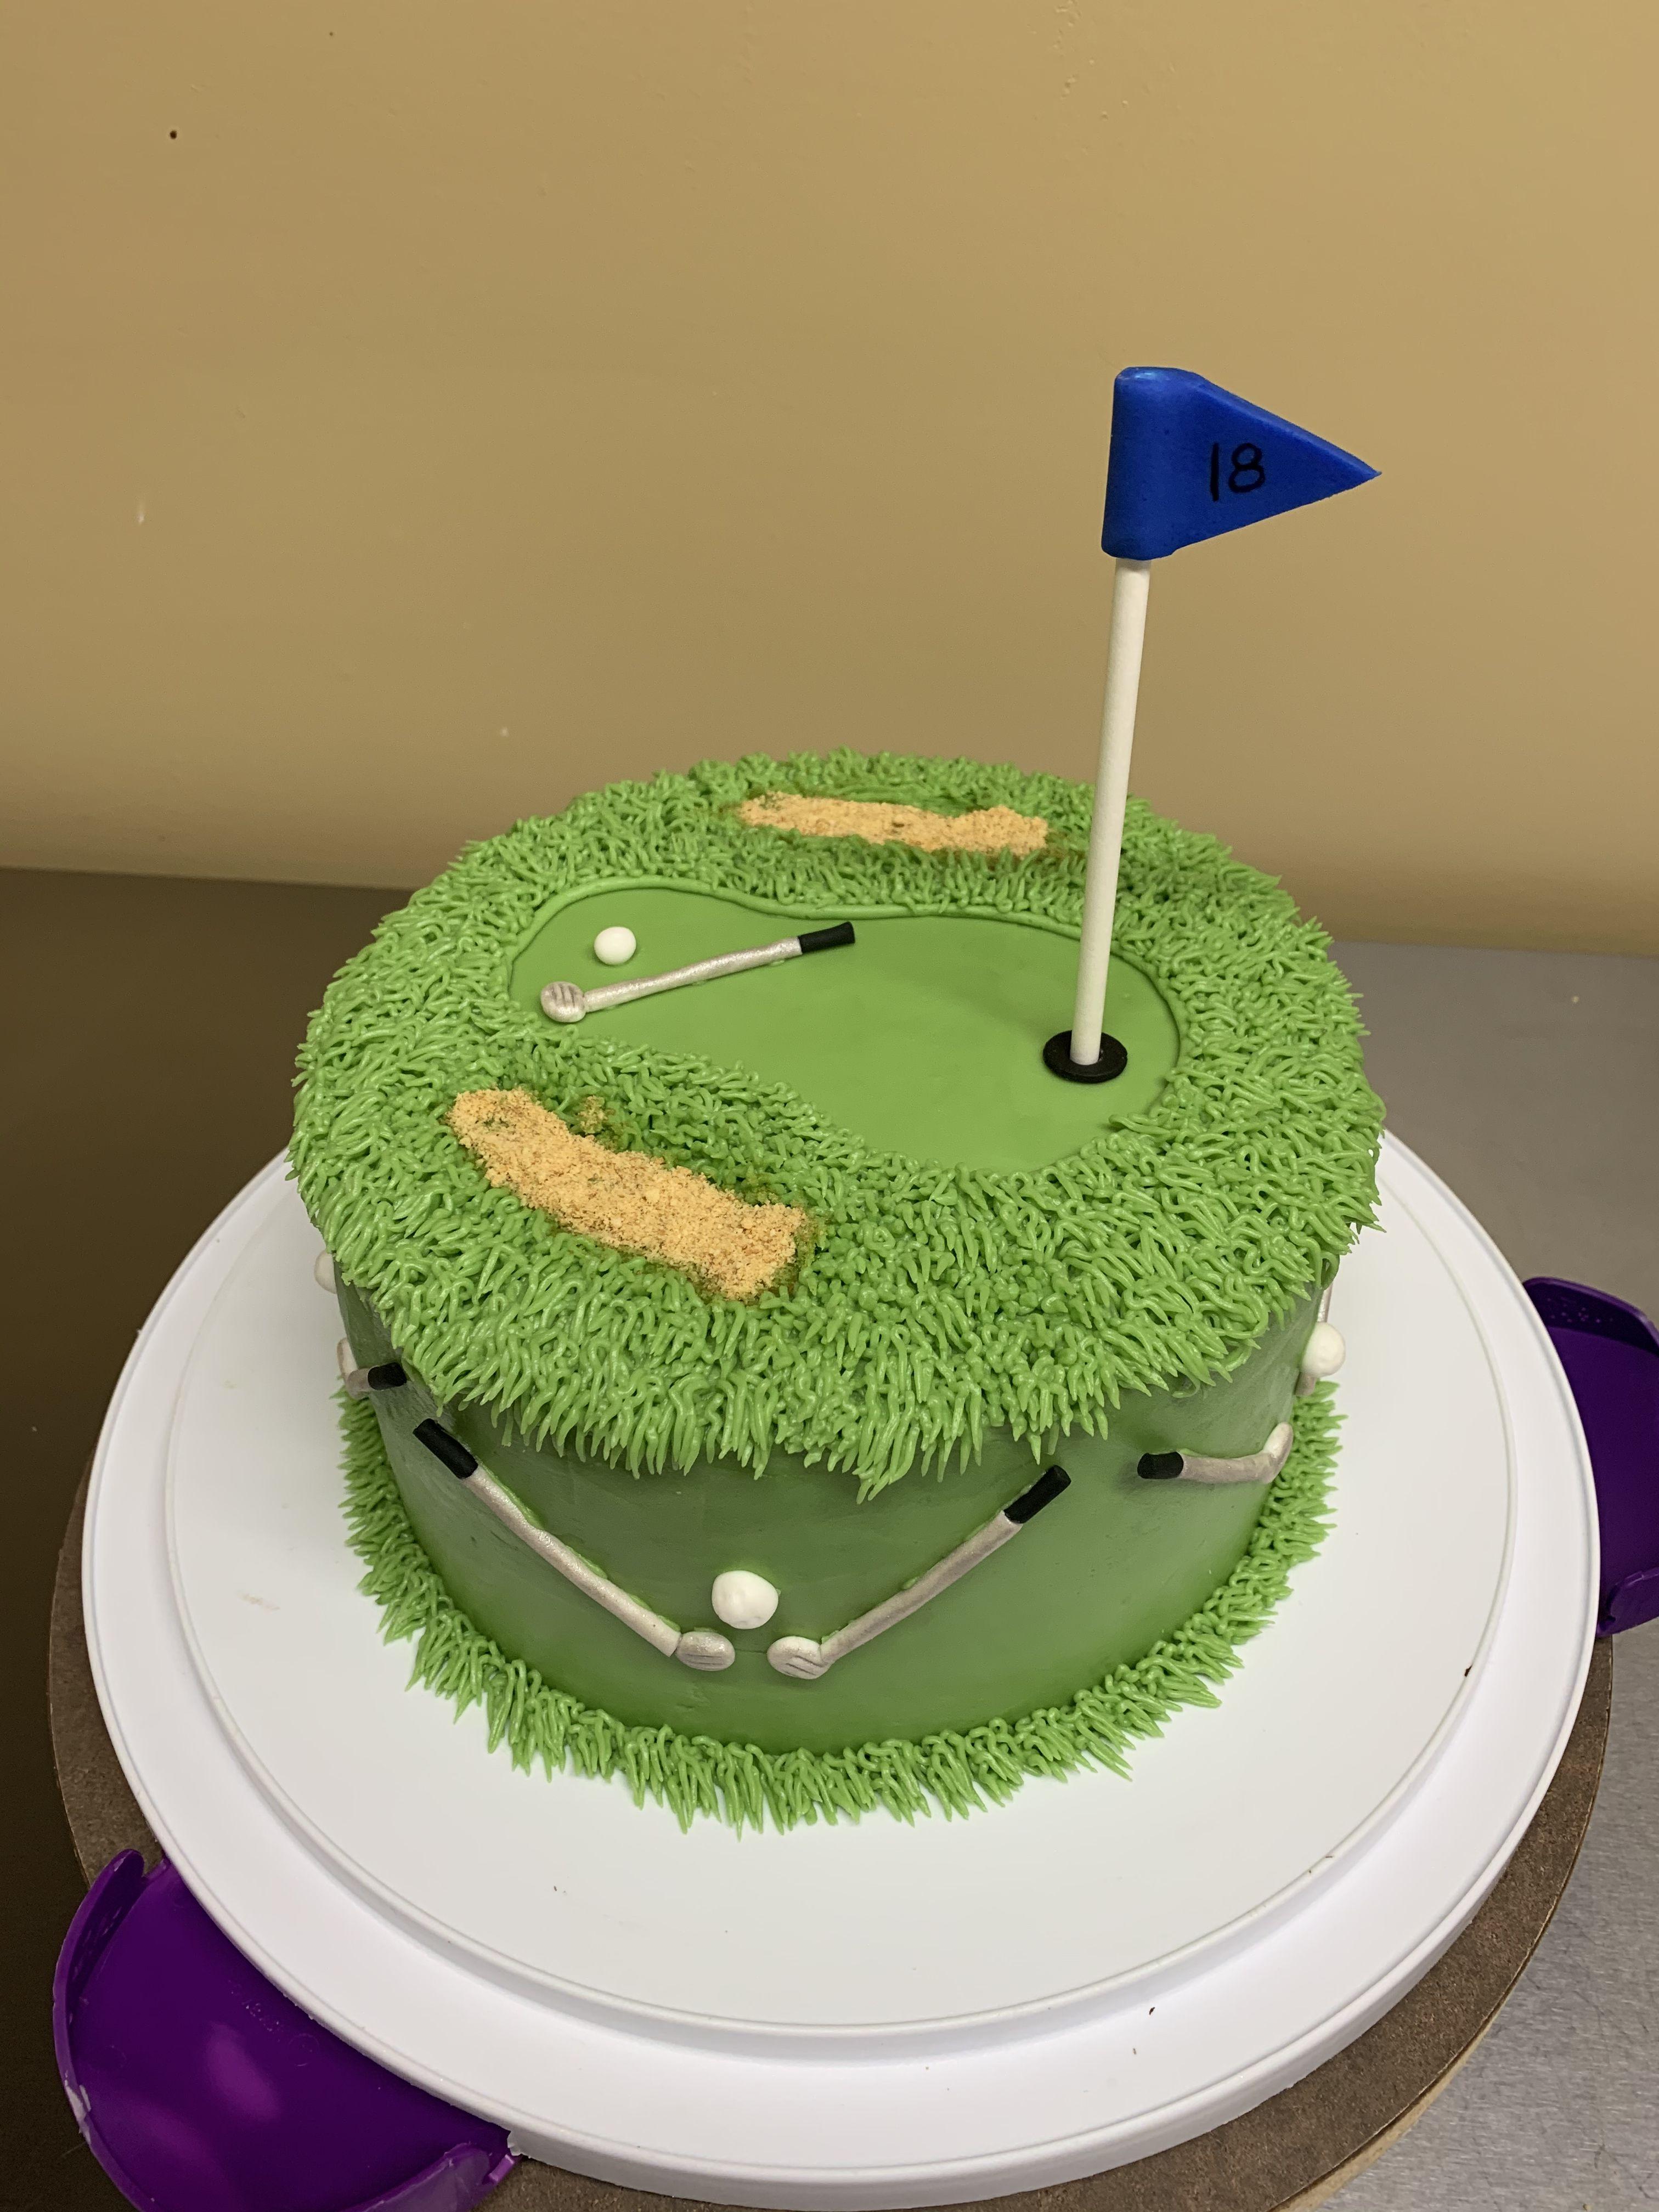 Golfer cake desserts city cake cake